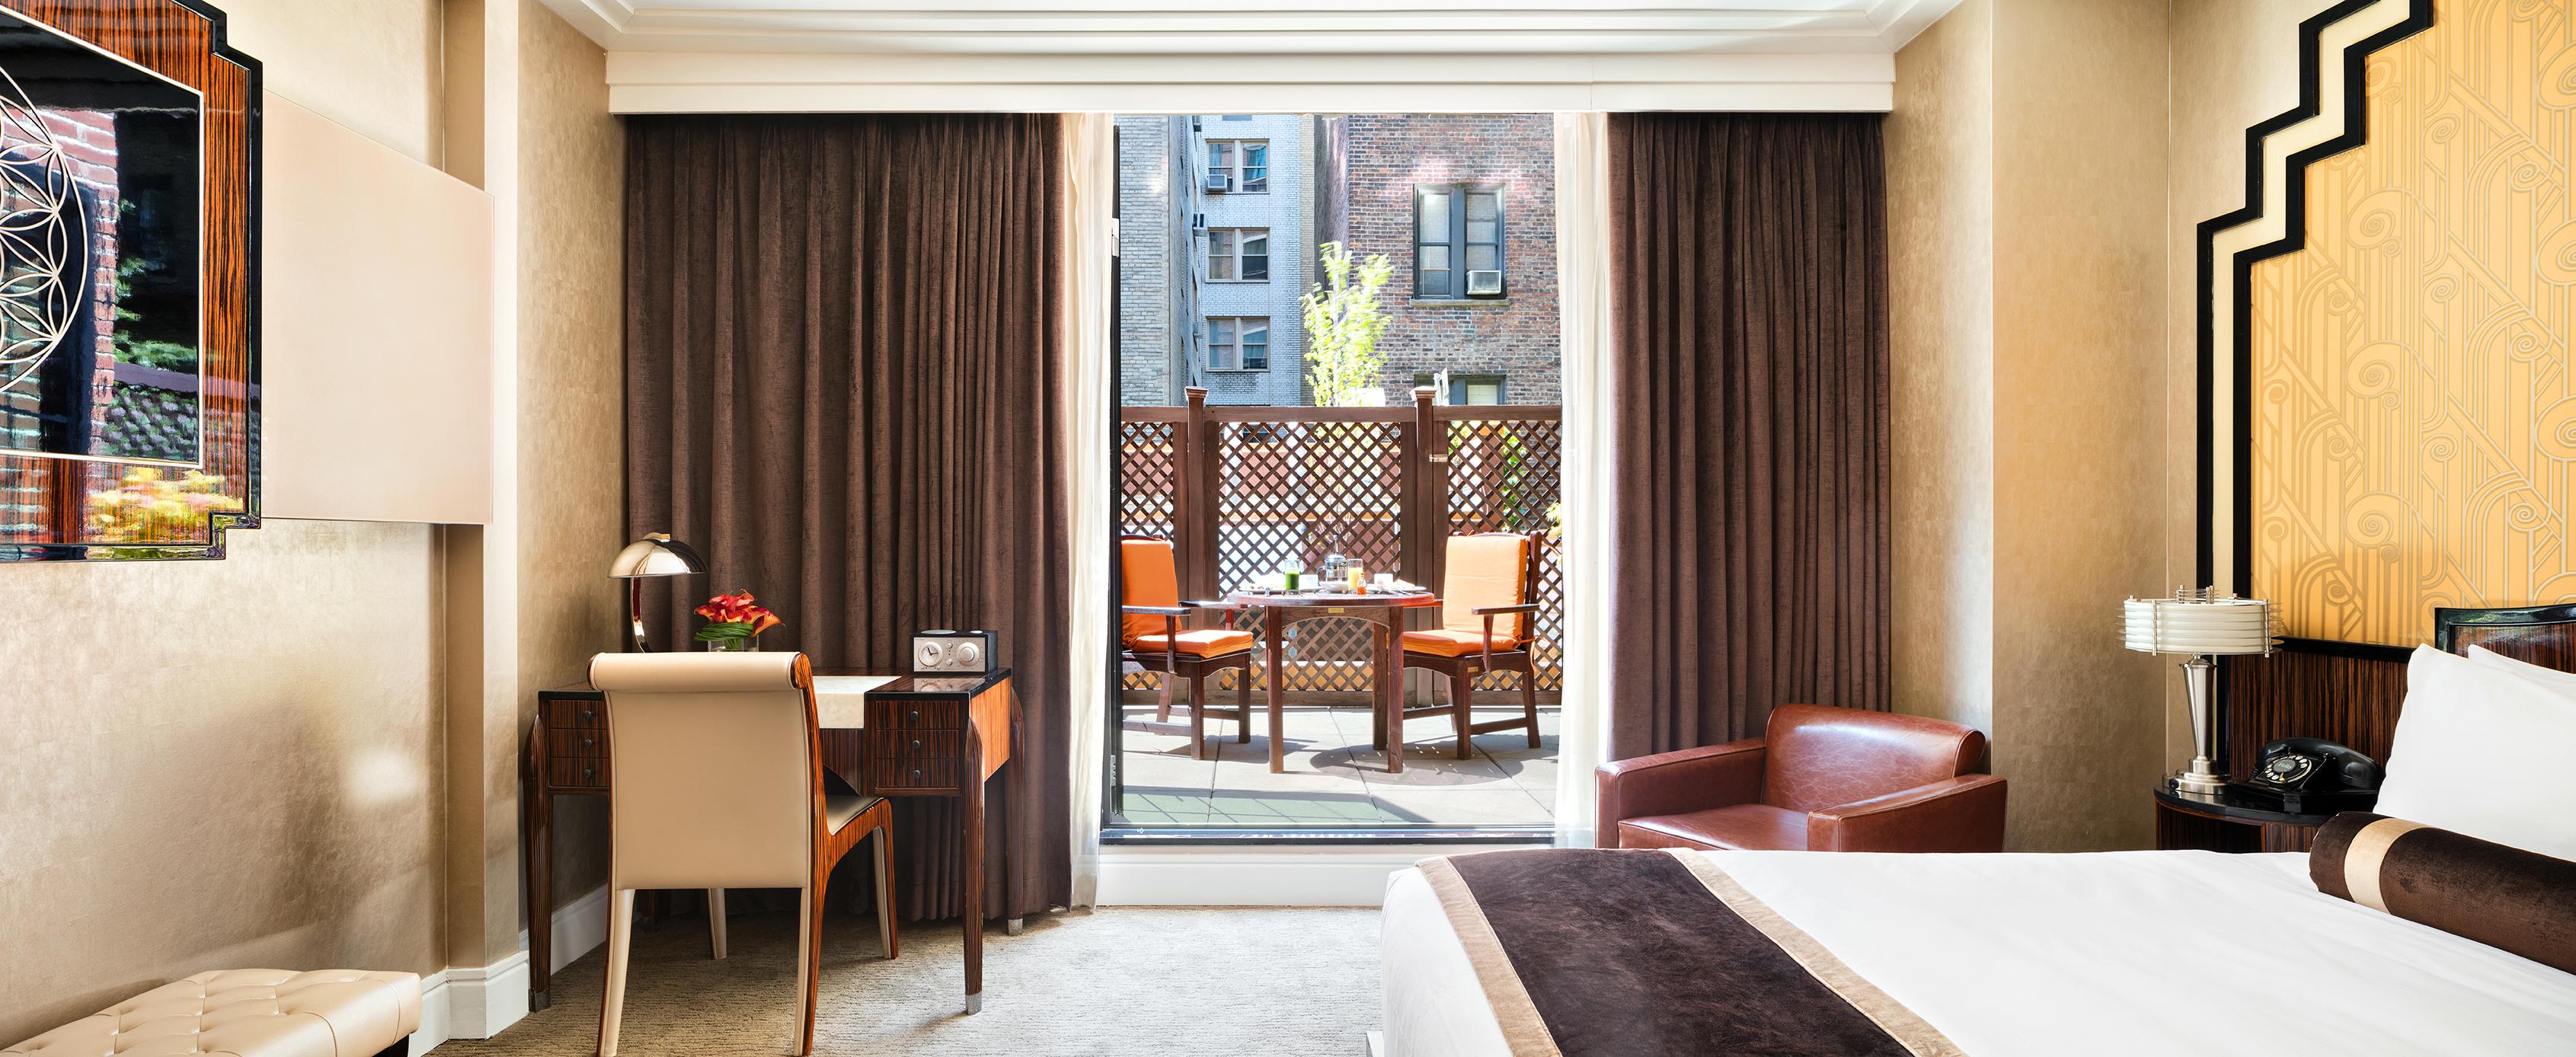 Walker Hotel Greenwich Village image 14